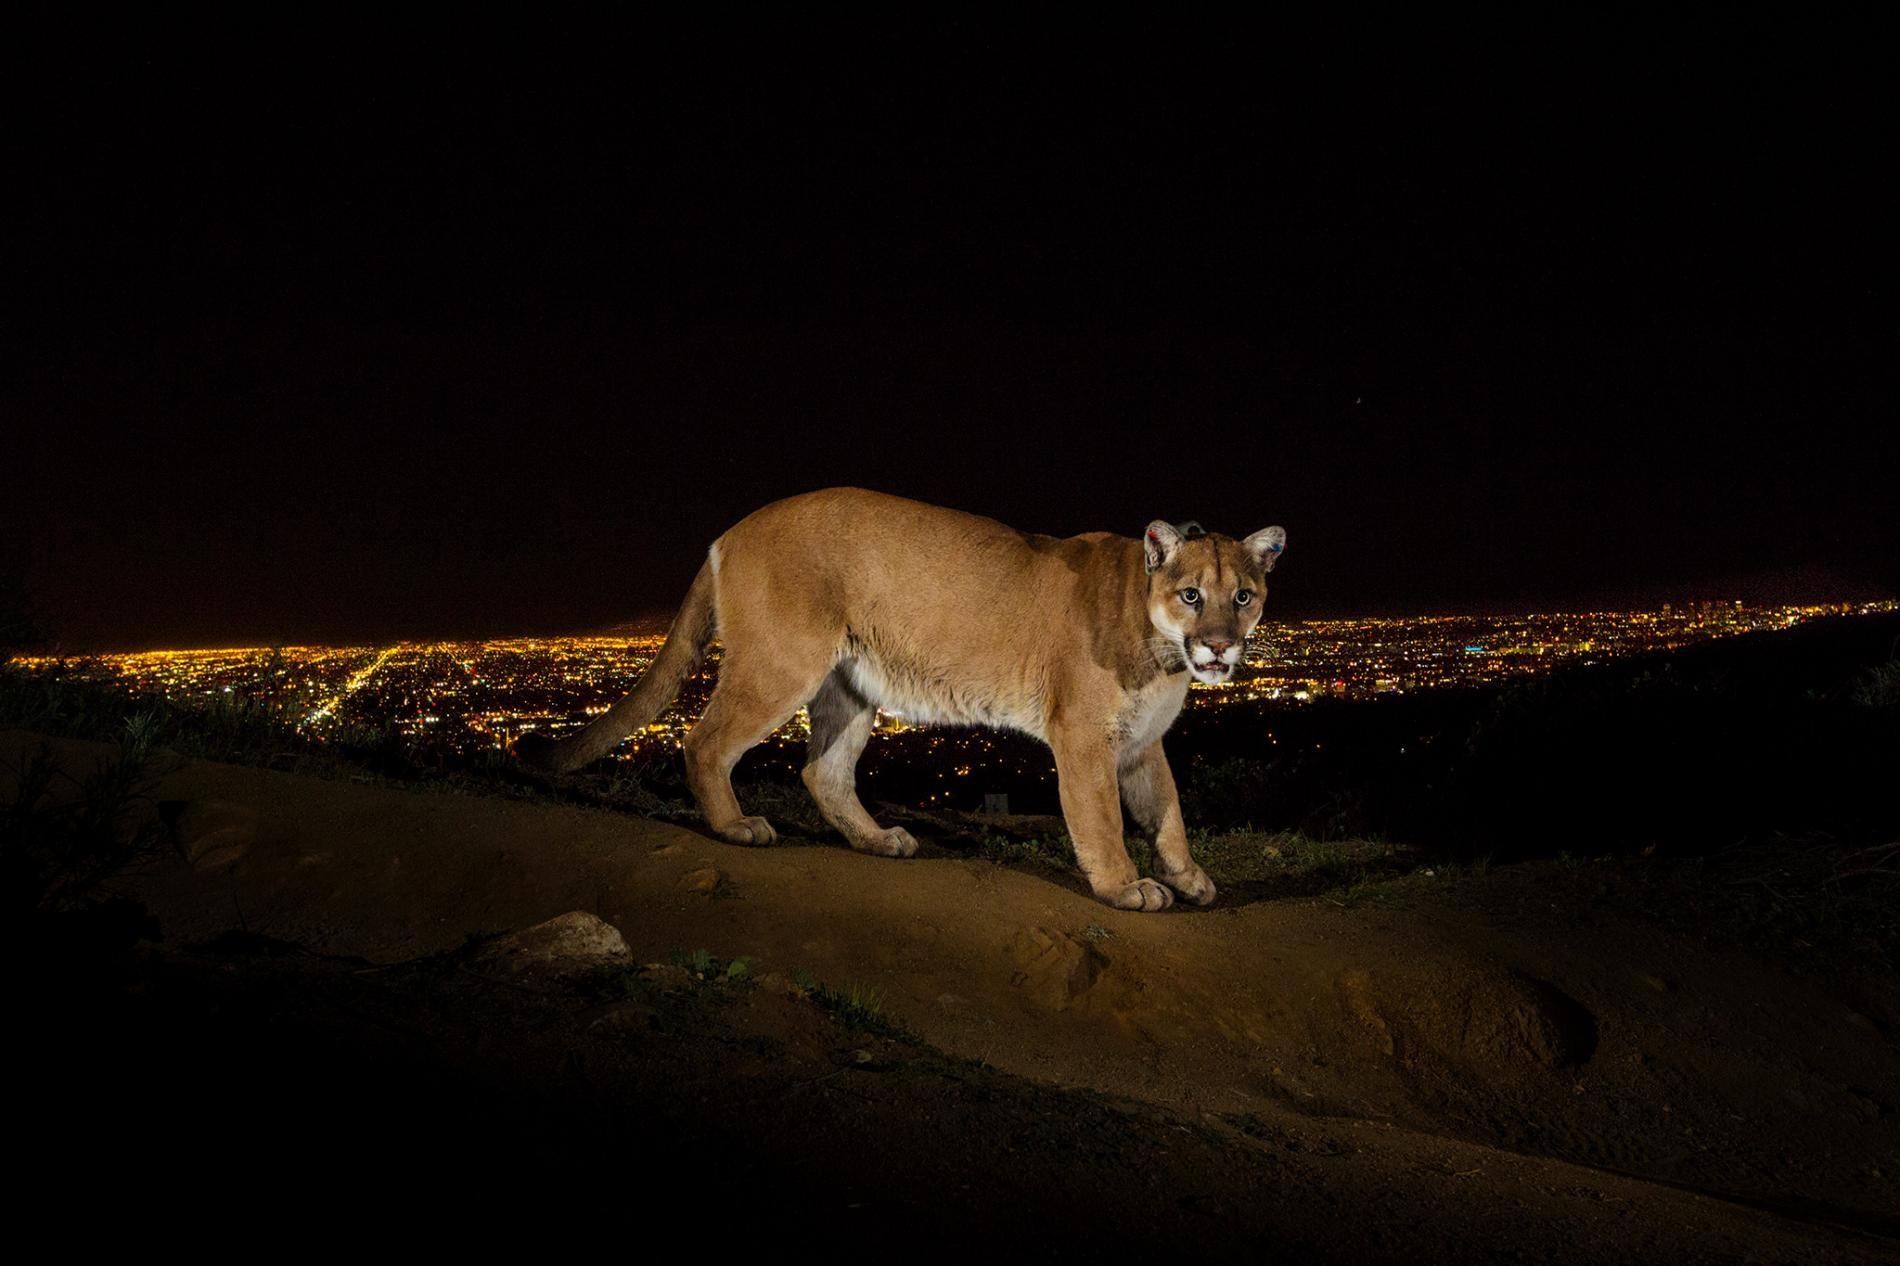 遙控相機在加州格里斐斯公園(Griffith Park)拍到了一隻戴著無線電波項圈的山獅。加州的山獅棲息在被幾條大公路切得七零八落得環境中。PHOTOGRAPH BY STEVE WINTER, NAT GEO IMAGE COLLECTION